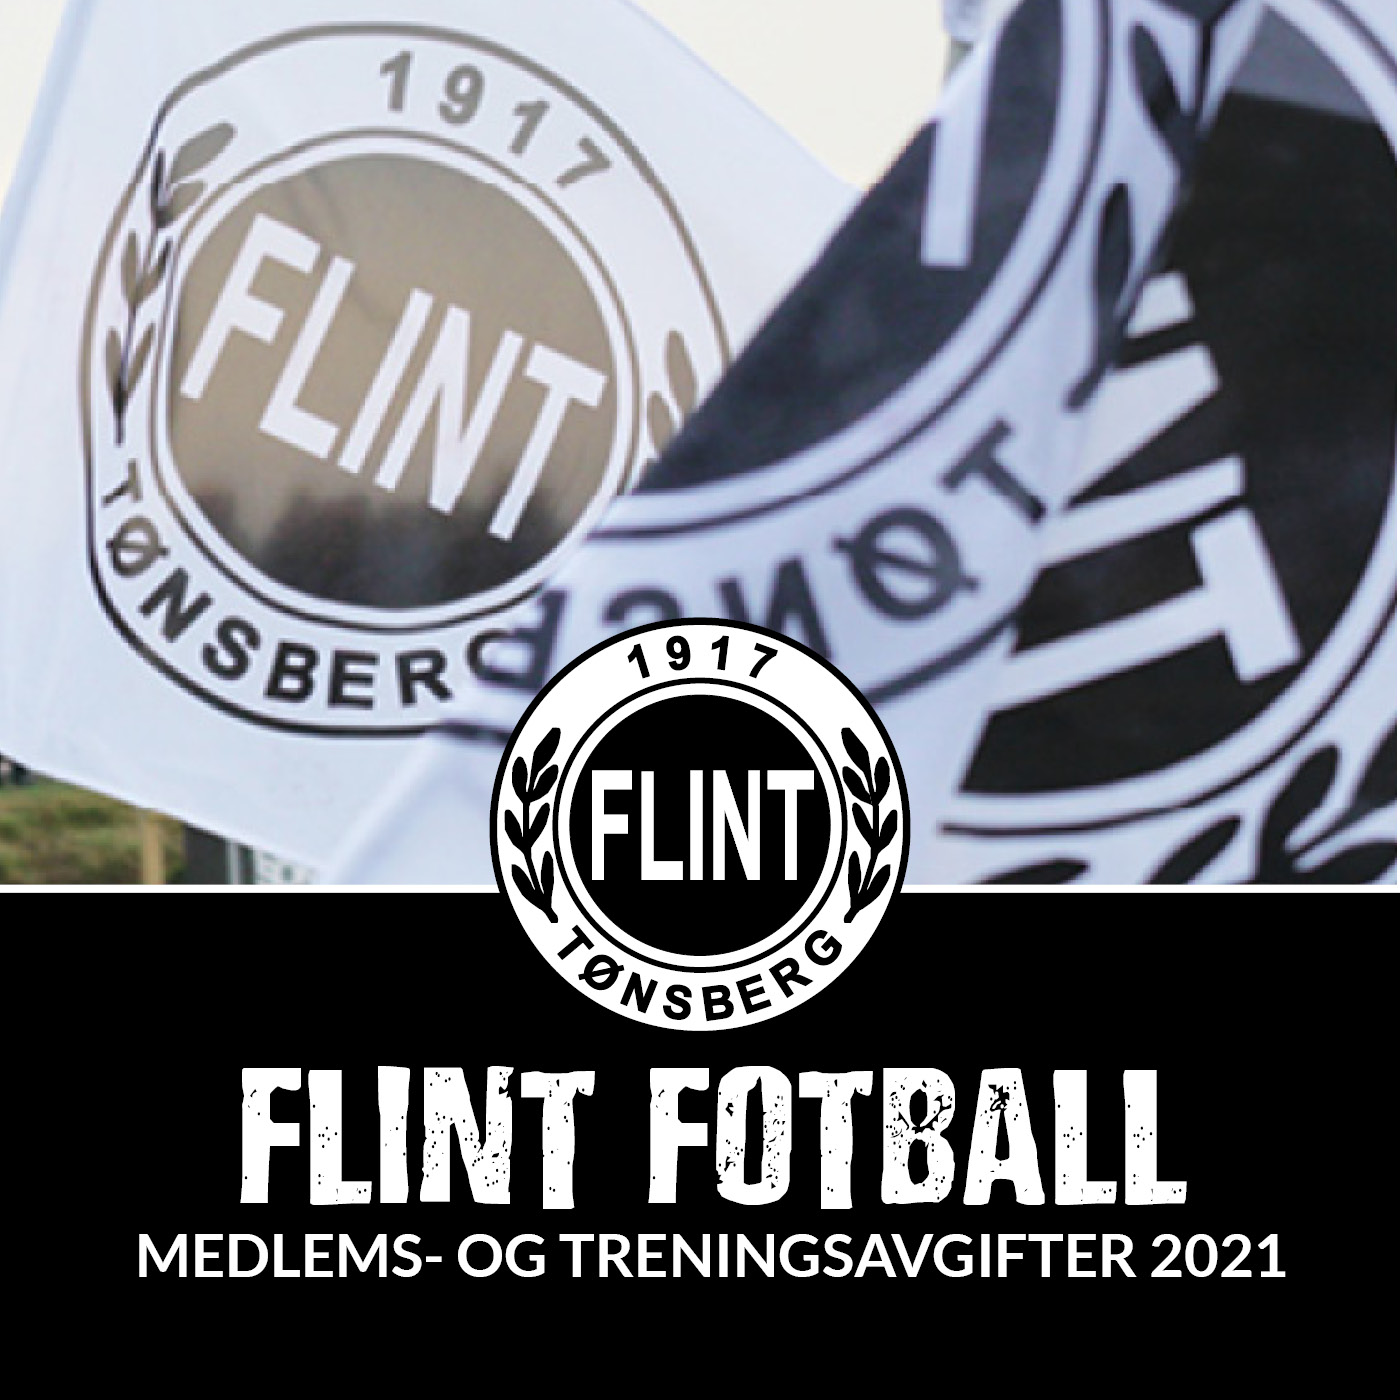 https://www.flintfotball.no/wp-content/uploads/2021/01/Medlems-og-treningsavgifter-2021.jpg